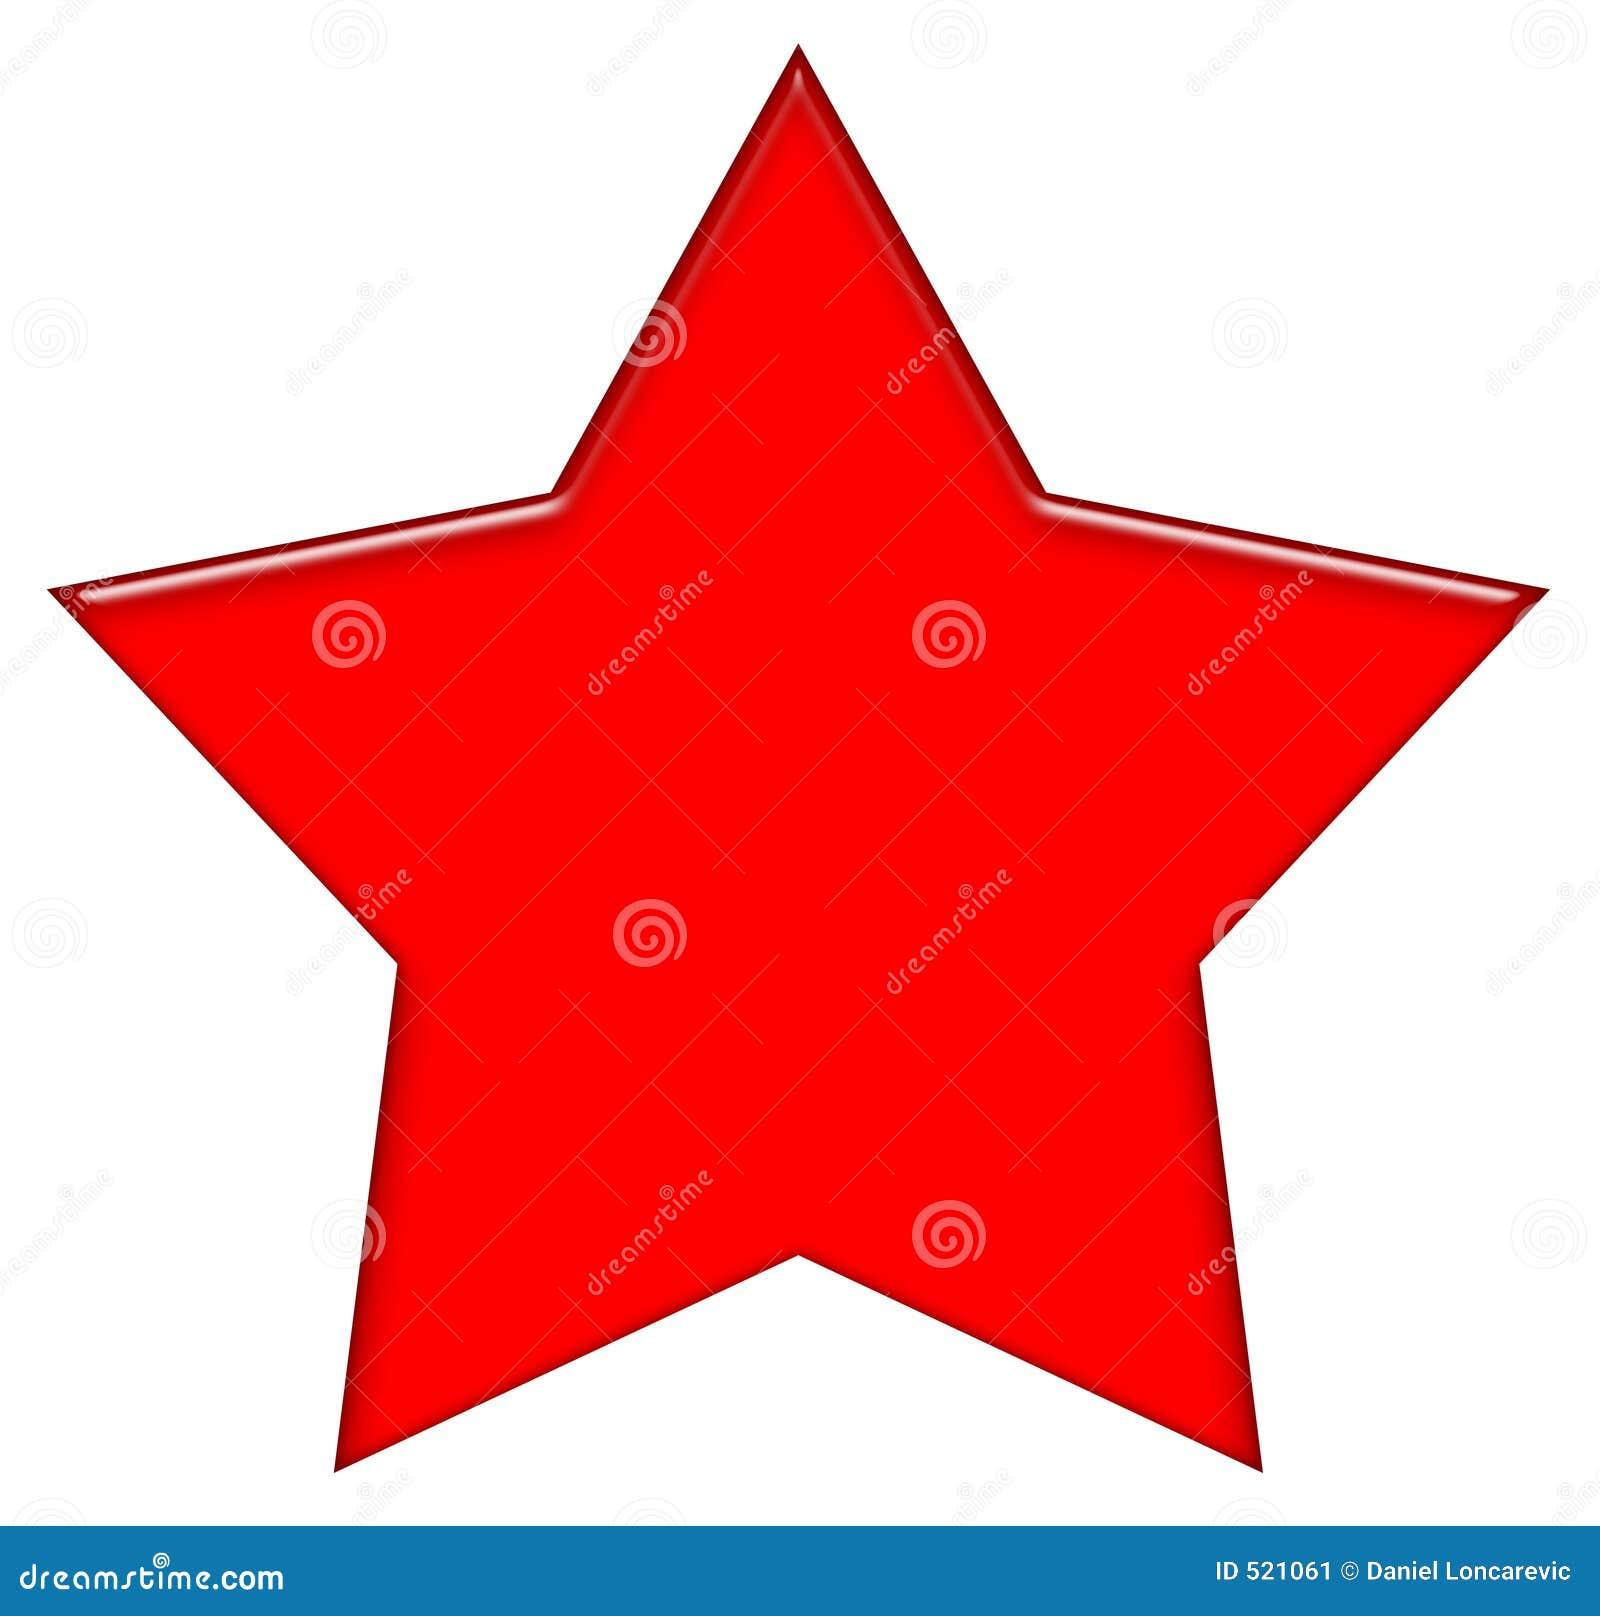 Ilustraci 243 n roja de la estrella de 5 puntas en el fondo blanco